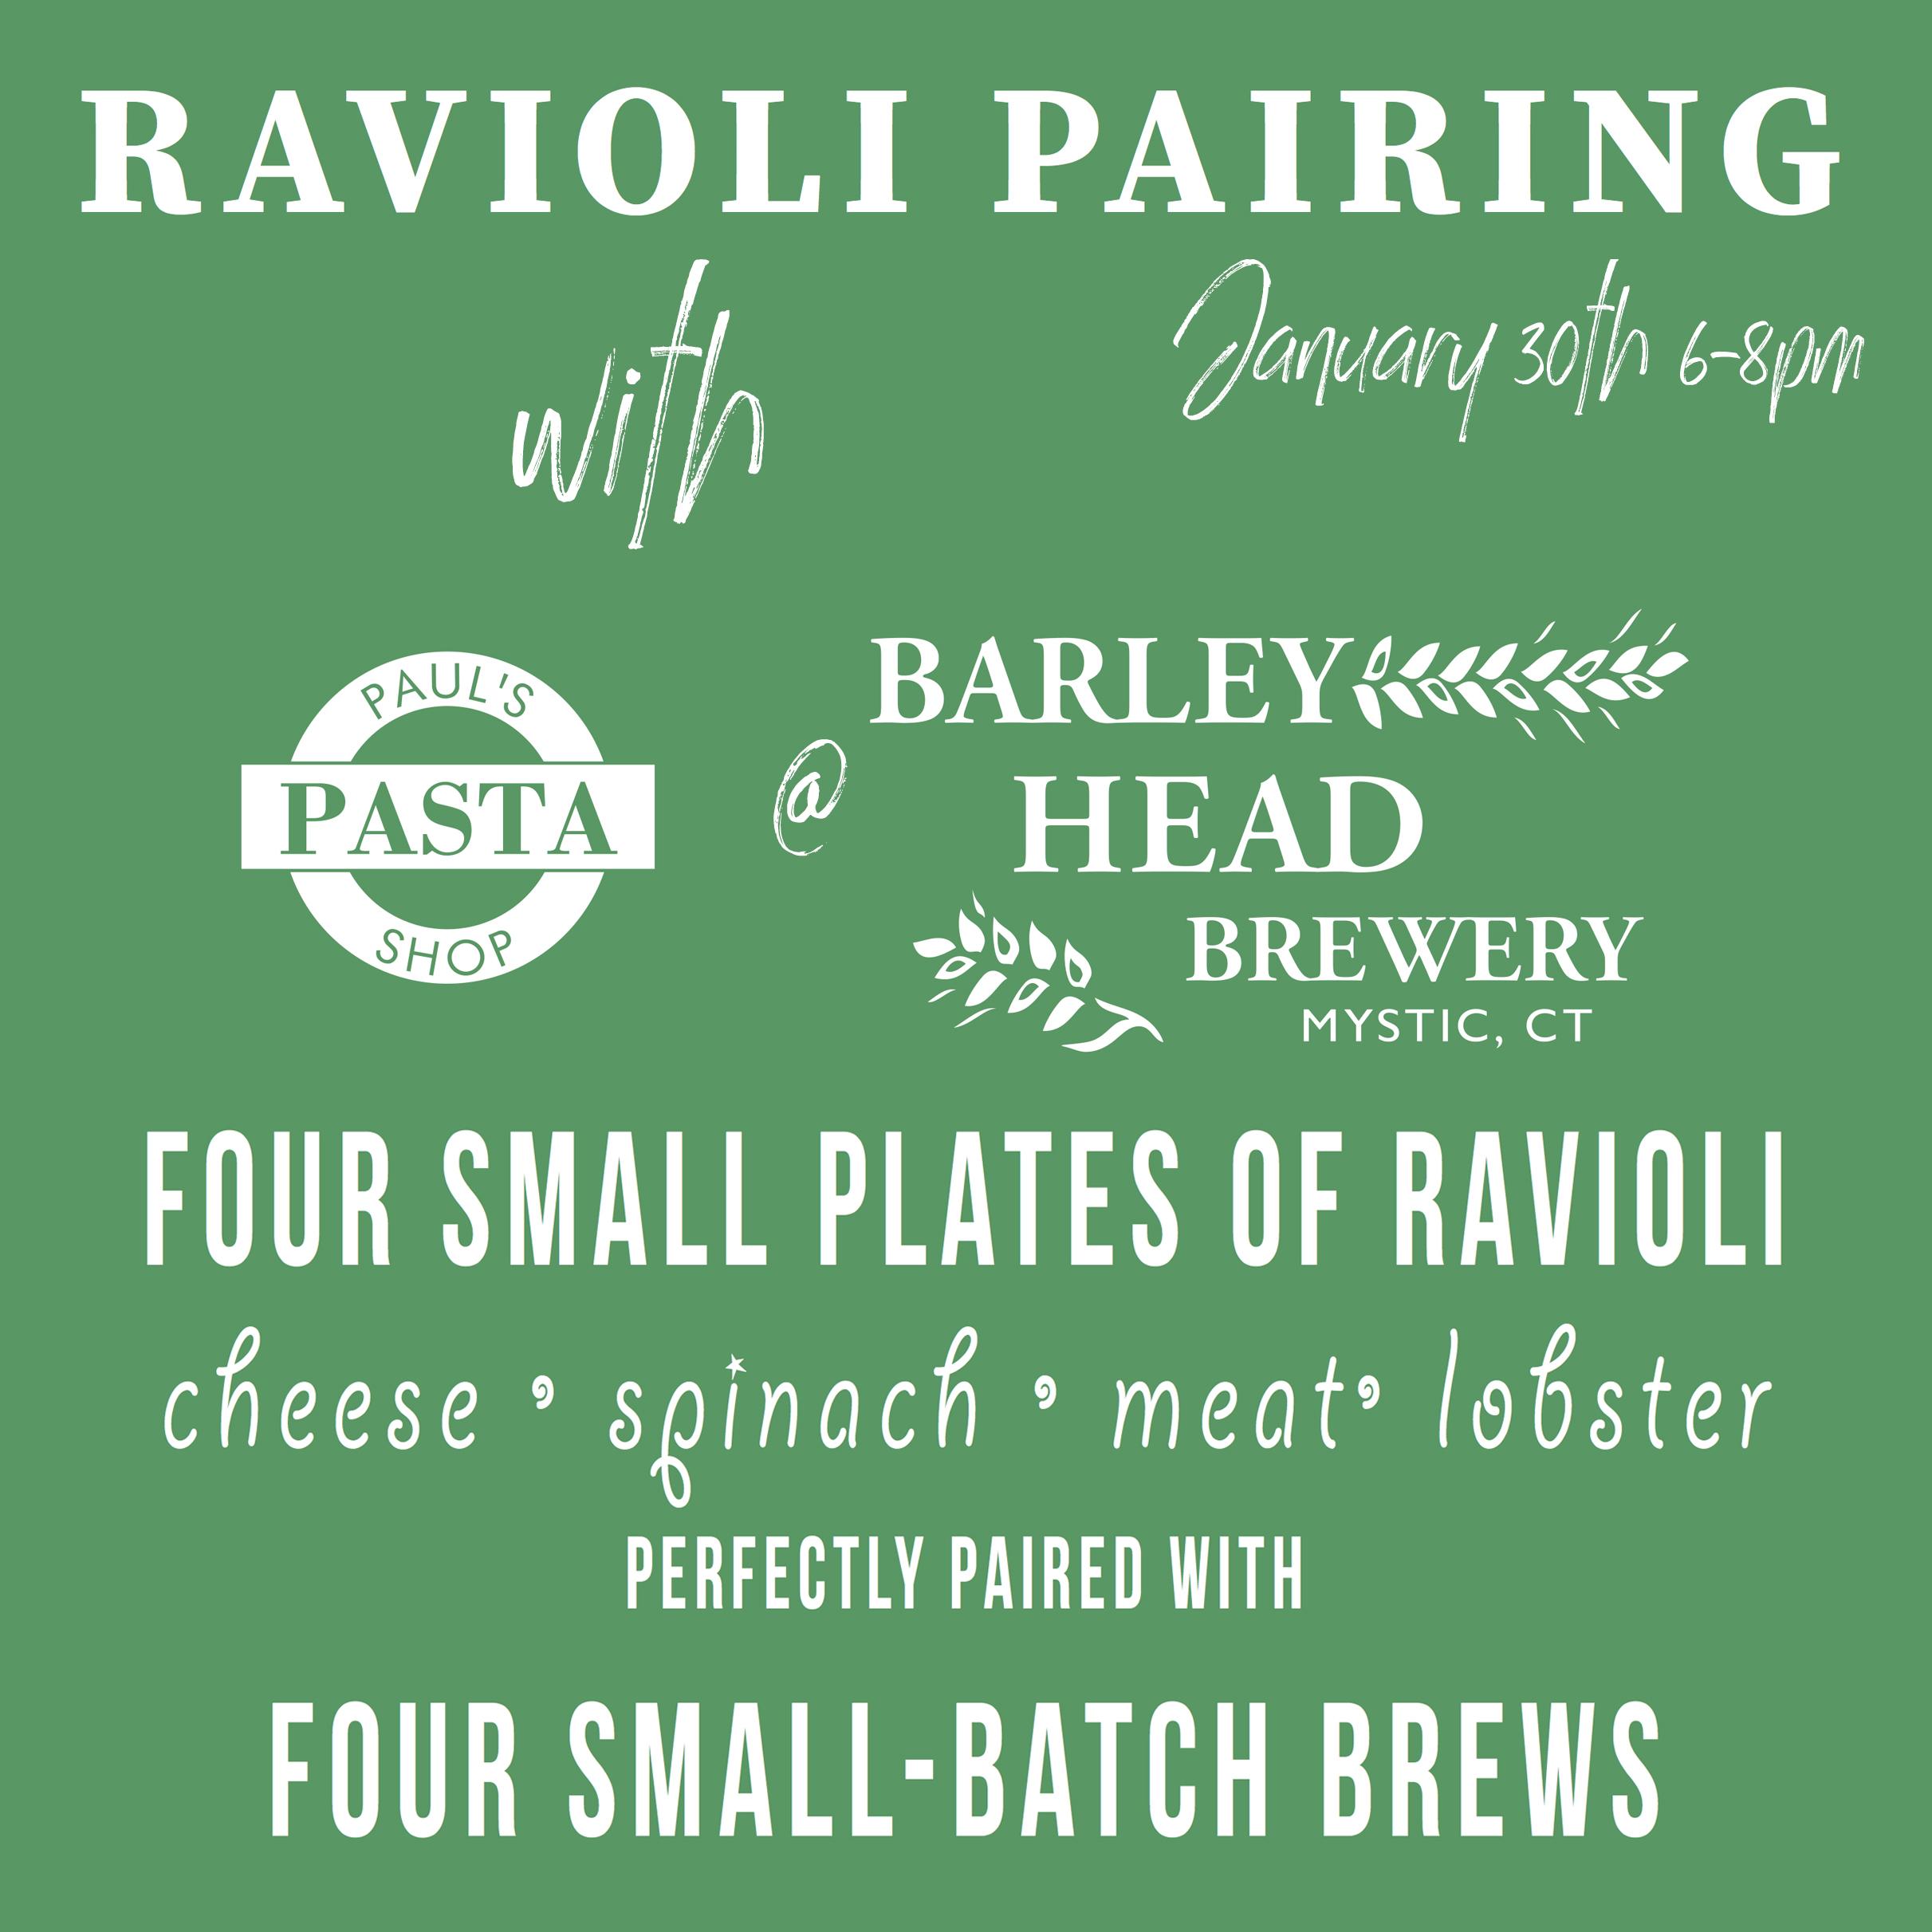 Ravioli Pairing at Barley Head Brewery in Mystic, CT